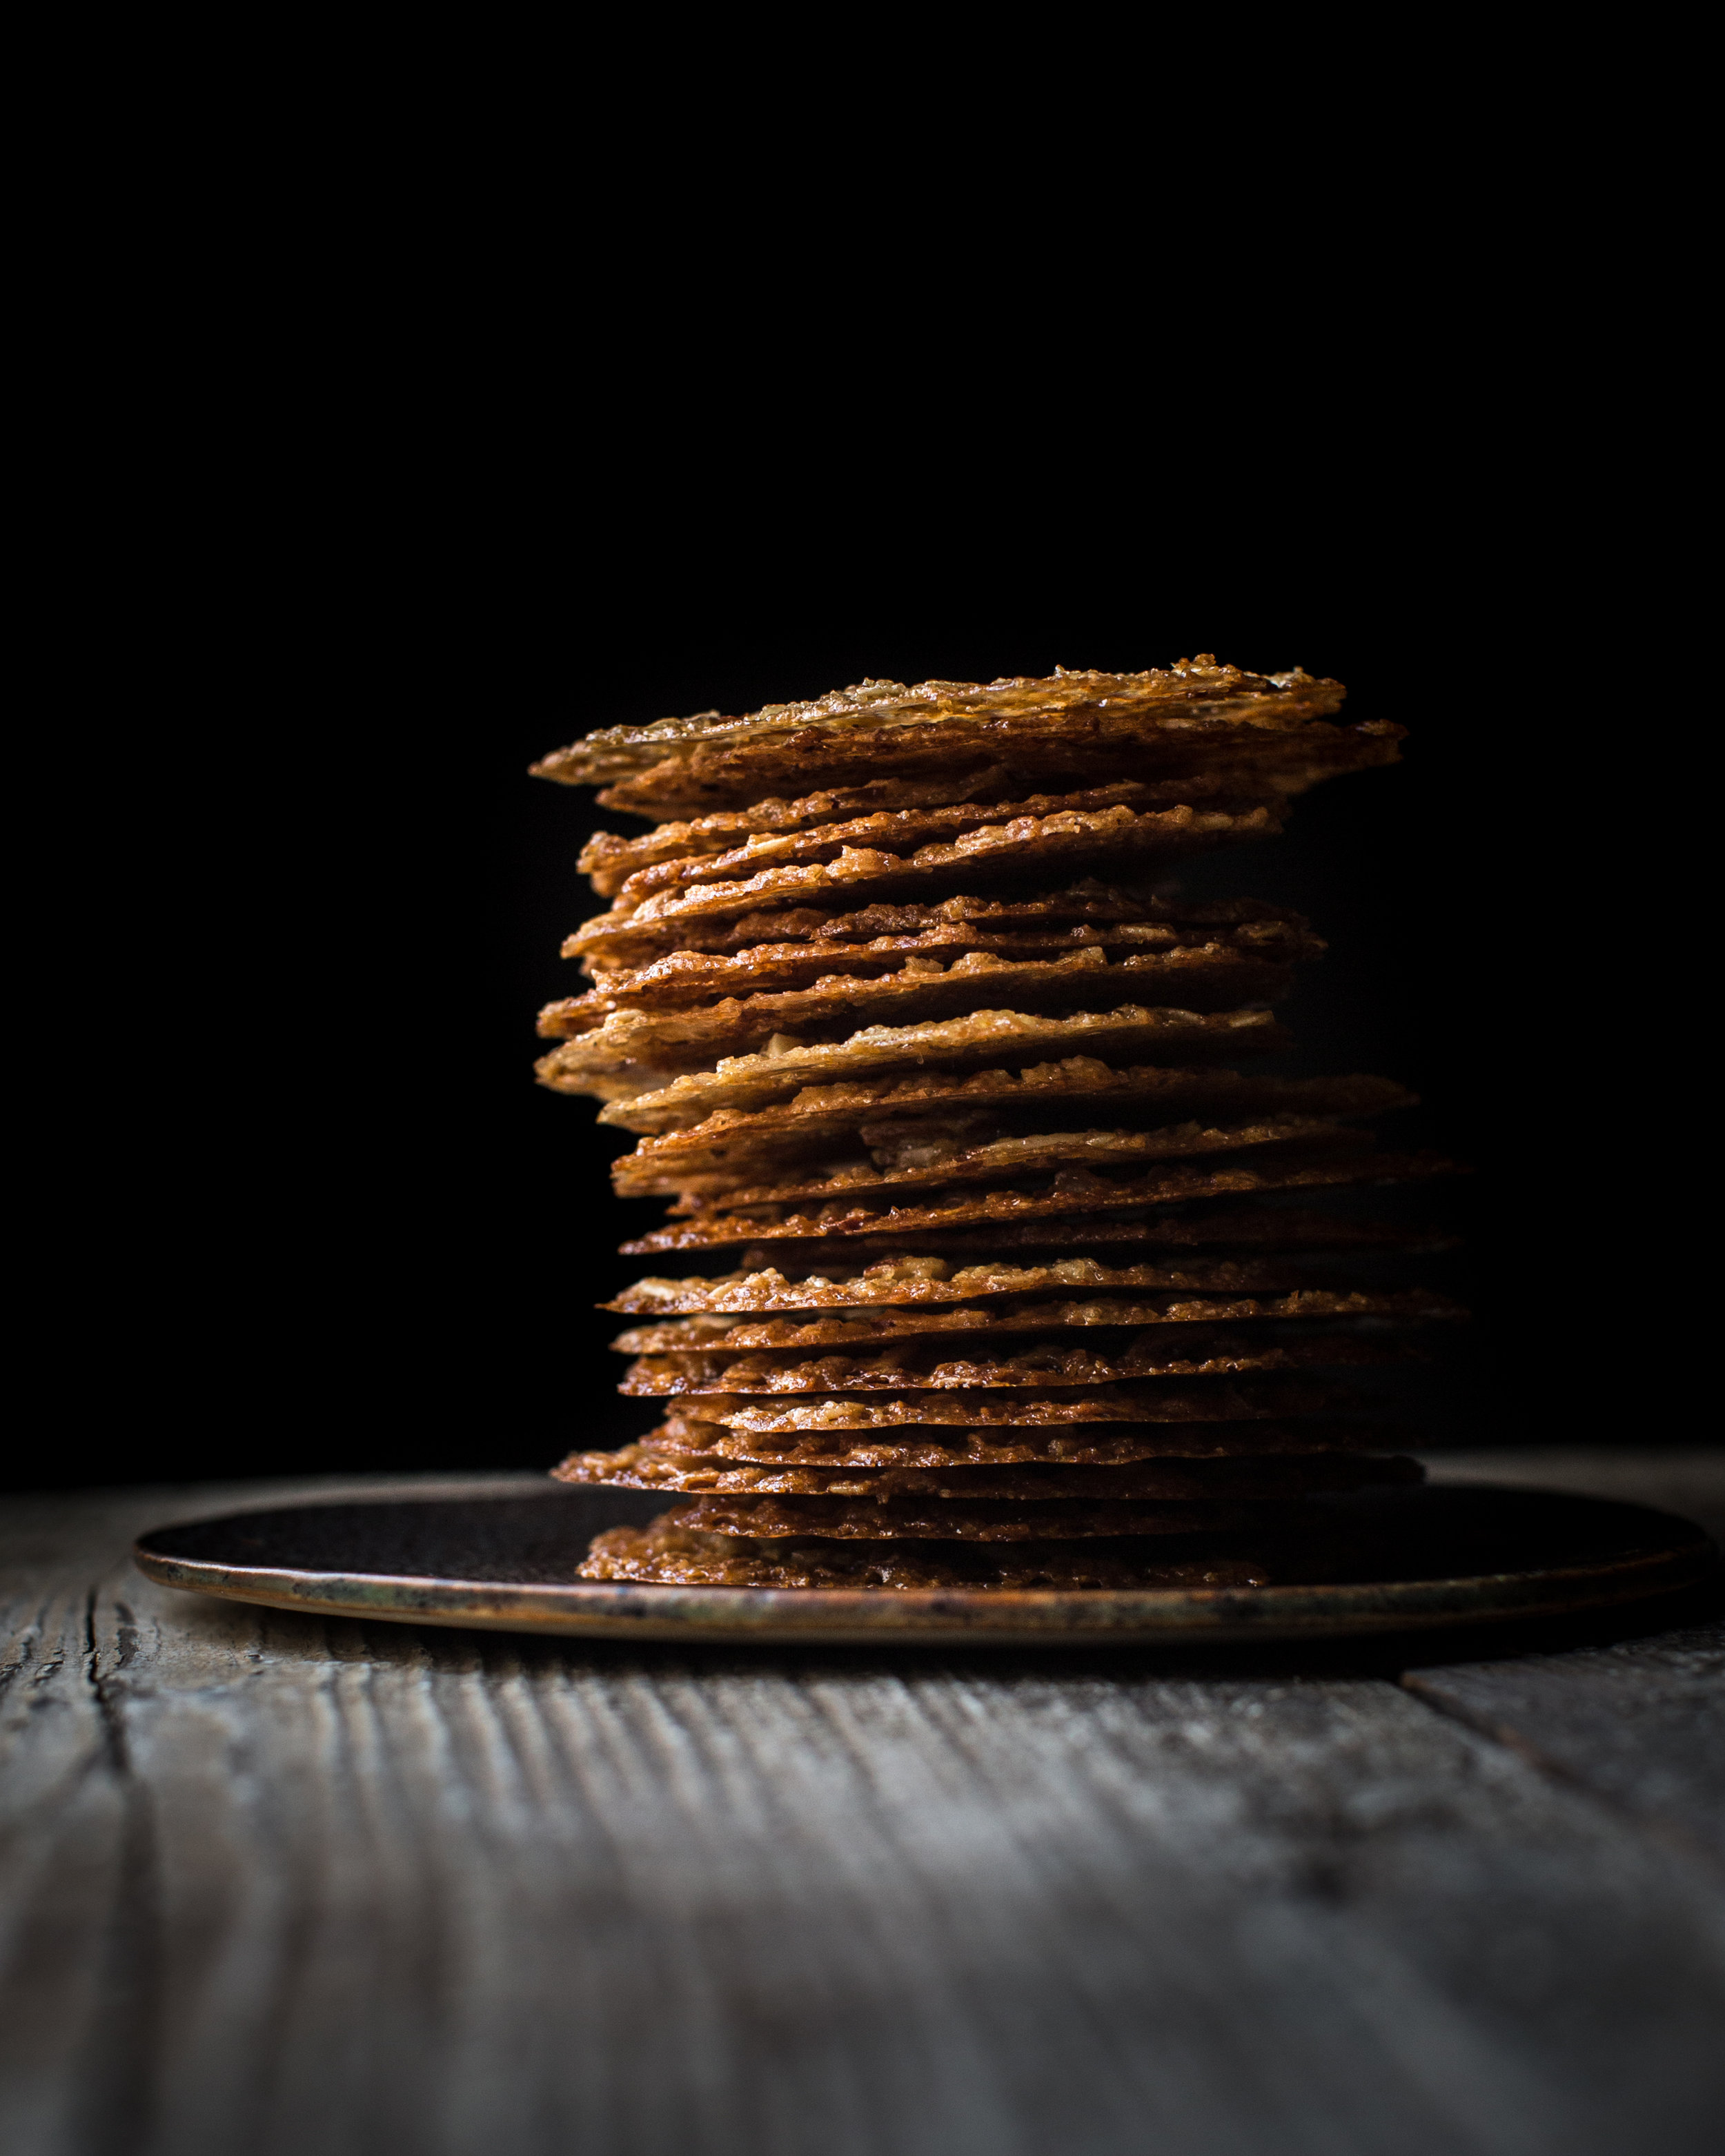 lace-cookies-blog-1.jpg